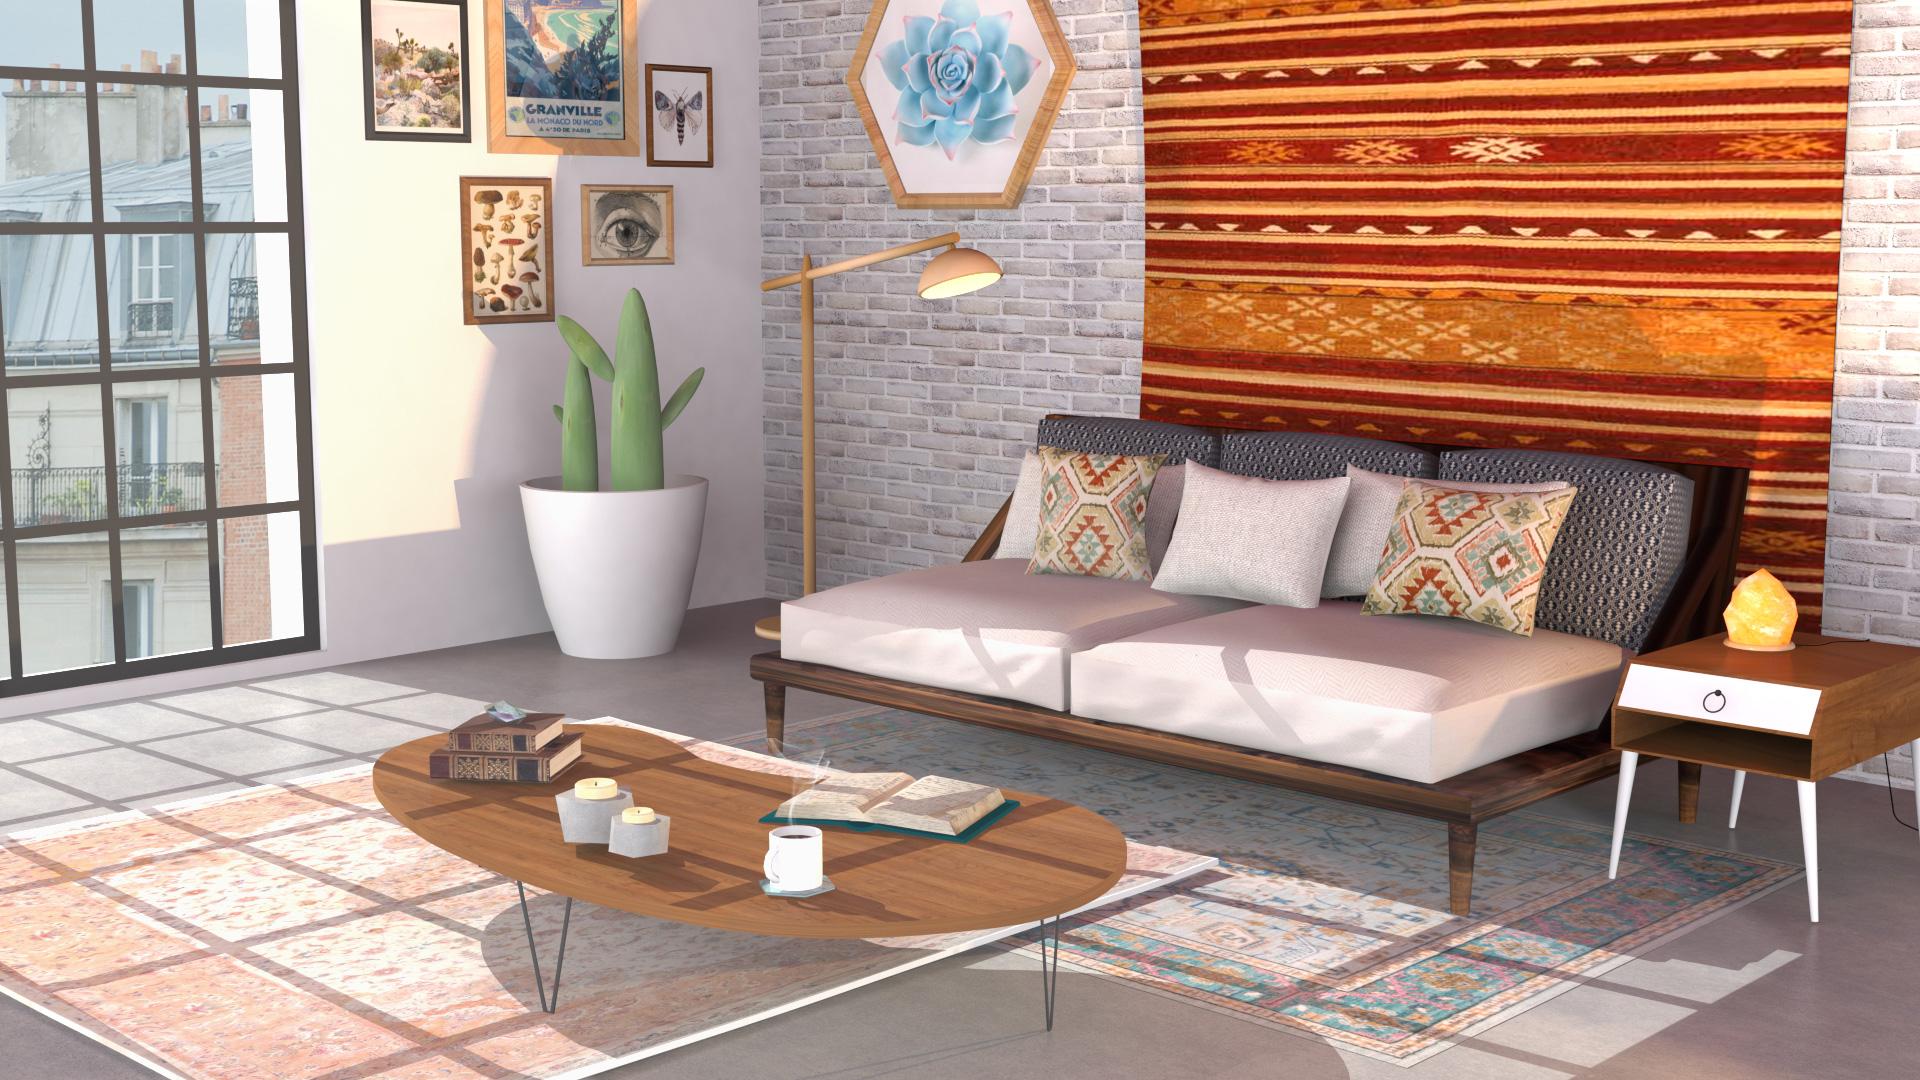 Modélisation 3D Pièce d'intérieur salon